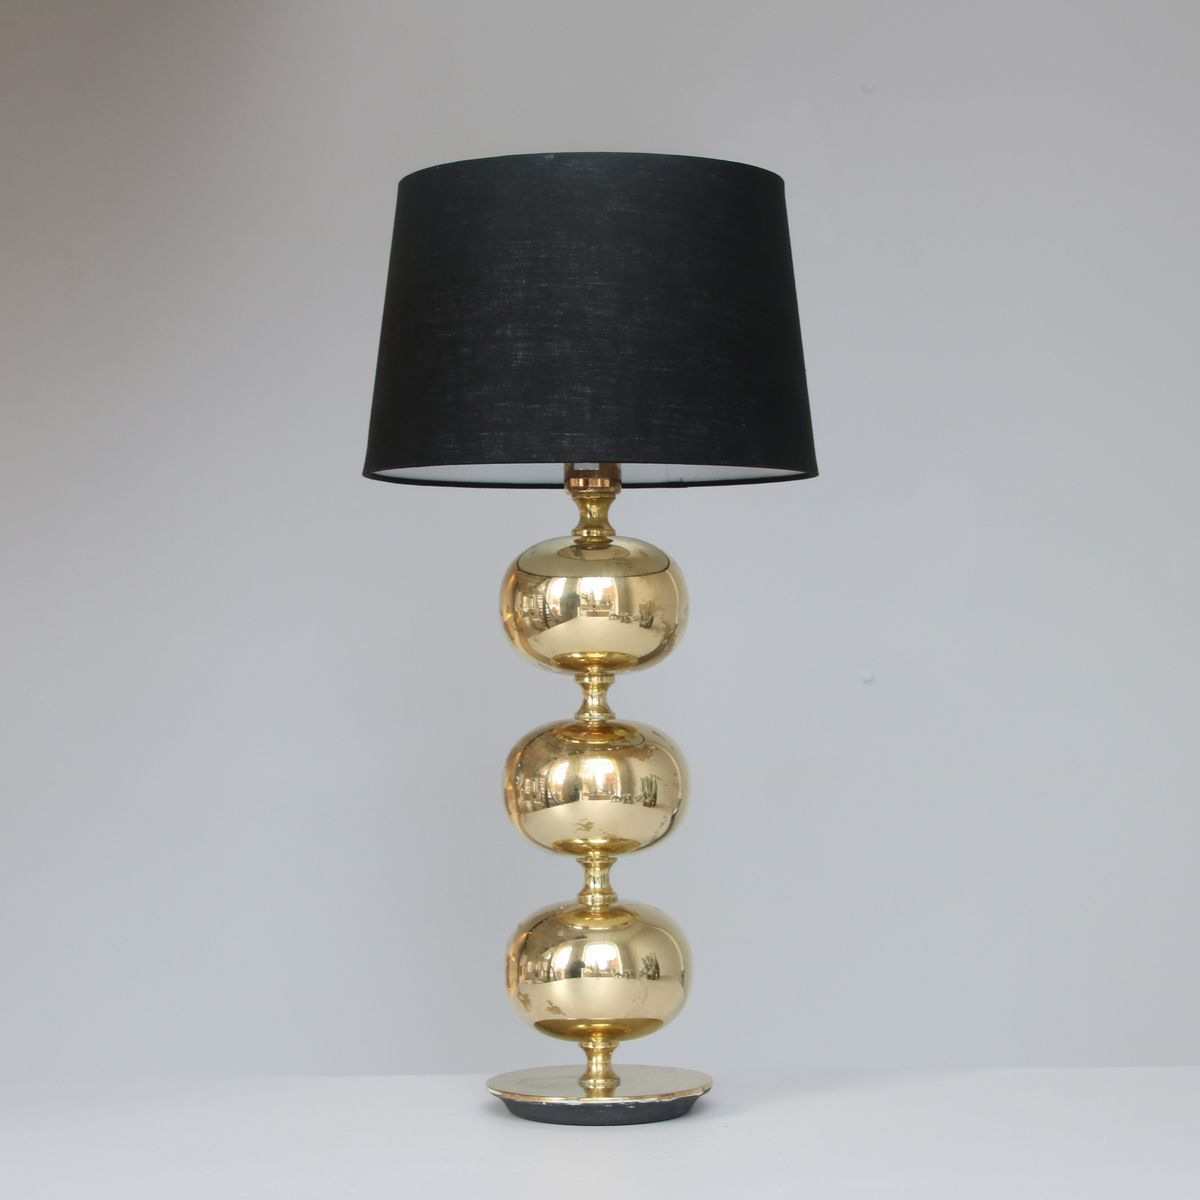 Nachtischleuchten Textil Tischleuchten Designklassiker coole Nachttischlampen